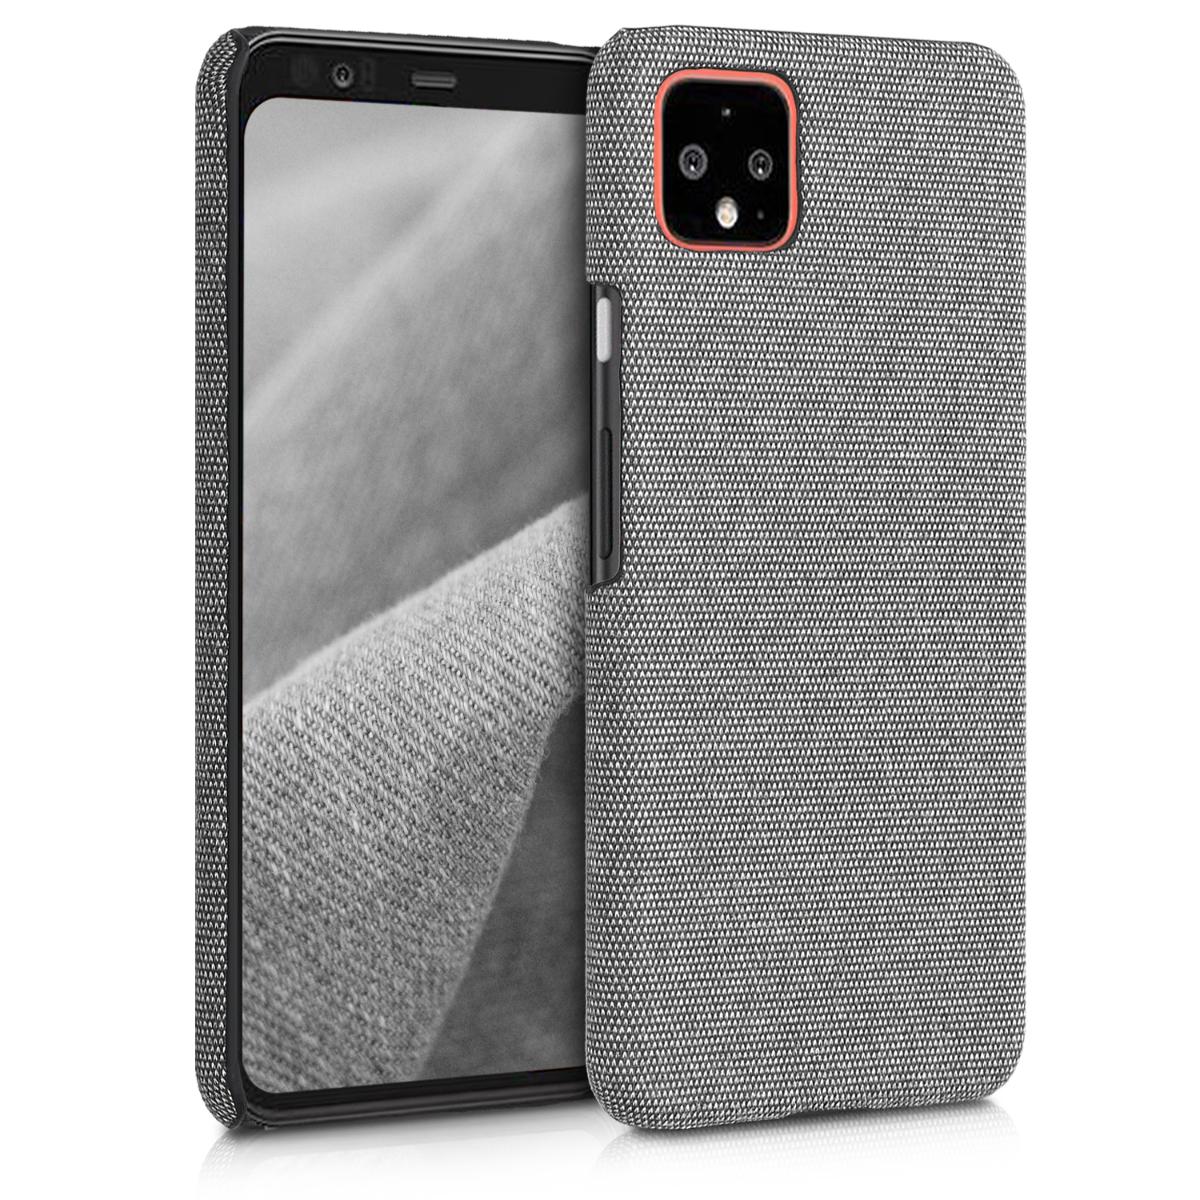 Textilní látkové pouzdro | obal pro Google Pixel 4 XL - Tmavě šedá